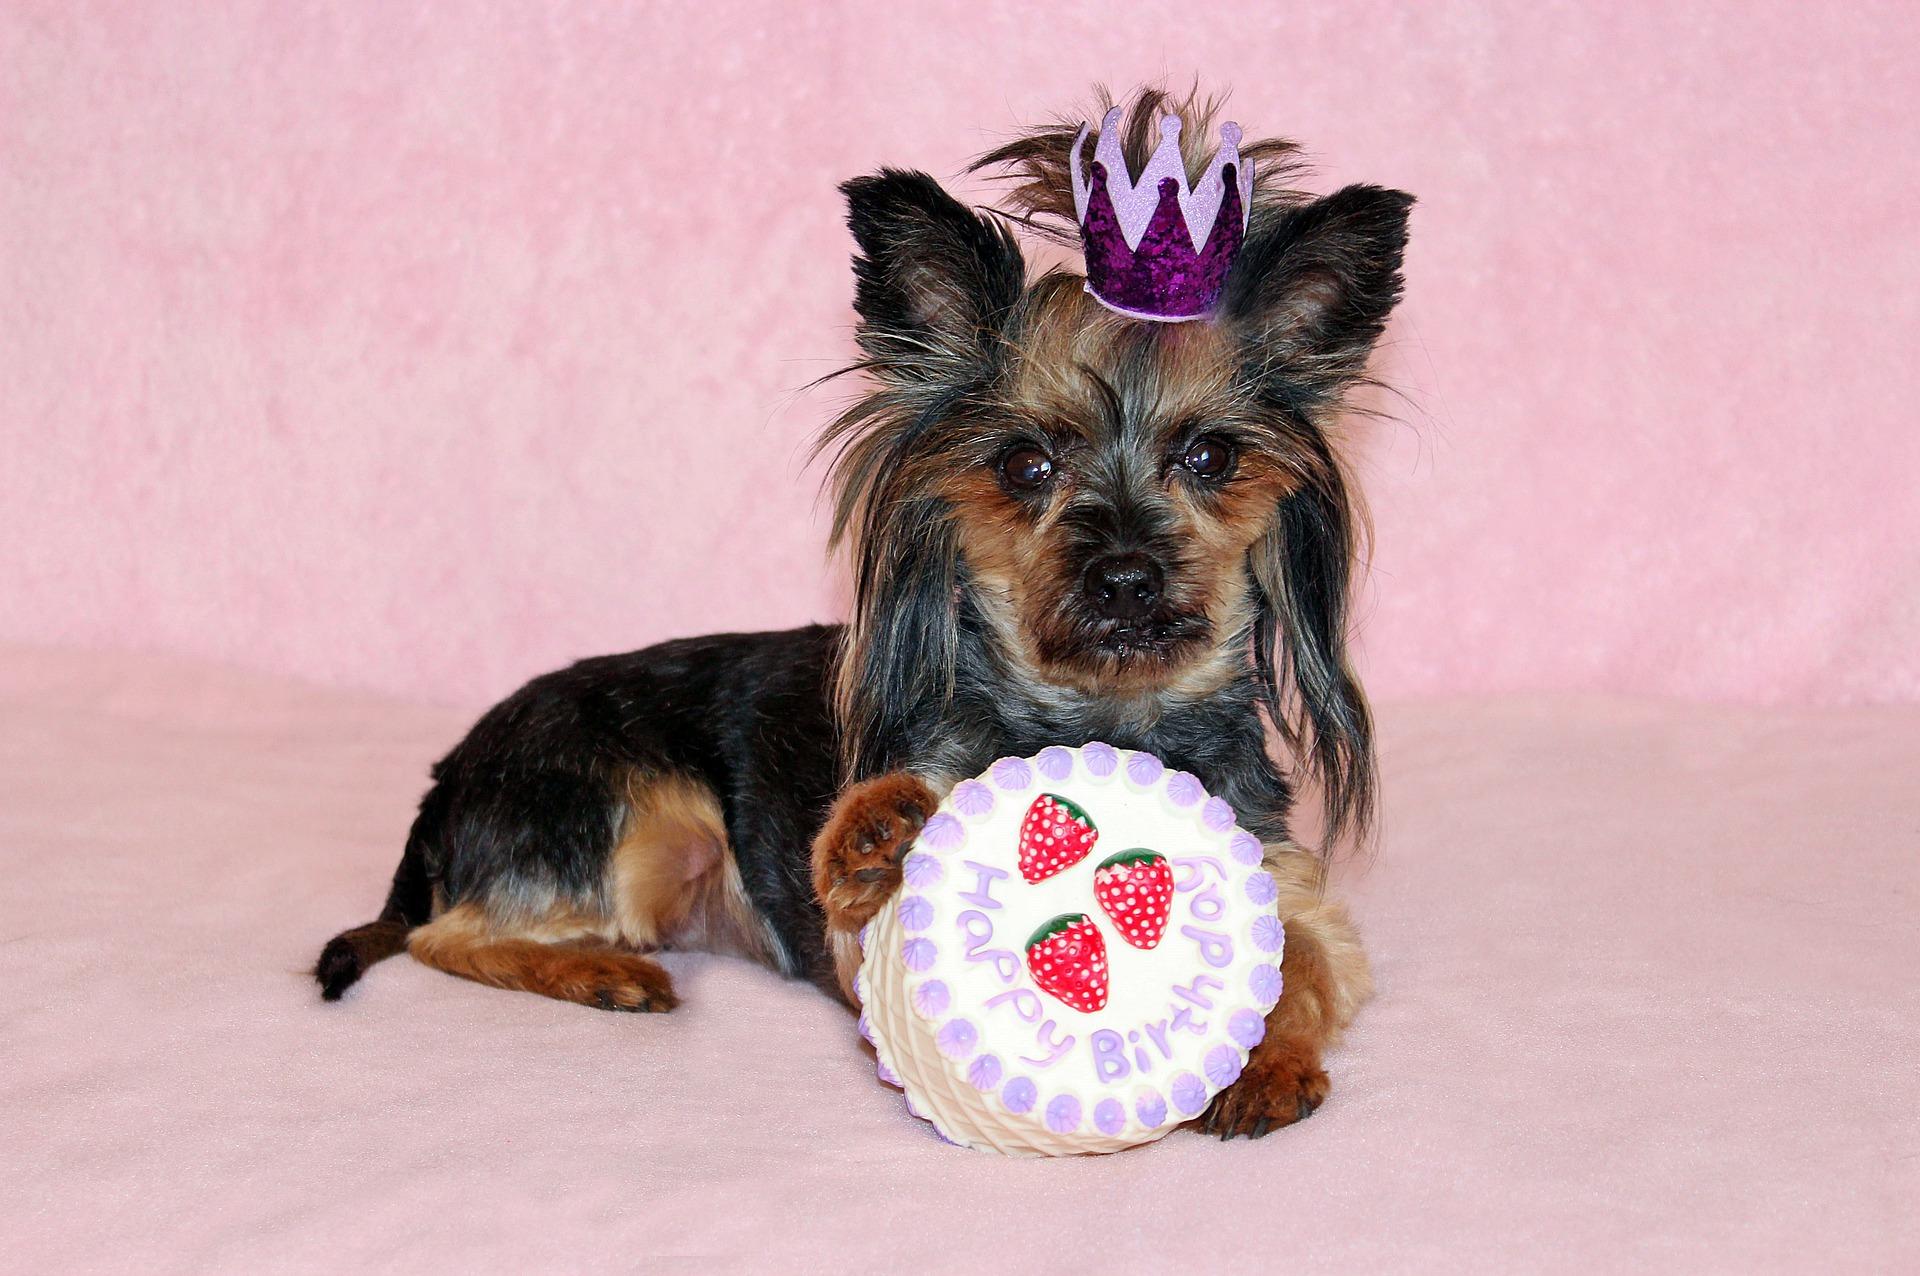 Tort dla psa najlepiej wykonać samemu, ze świeżych składników - głównie mięsa i zdrowych dla psa dodatków.